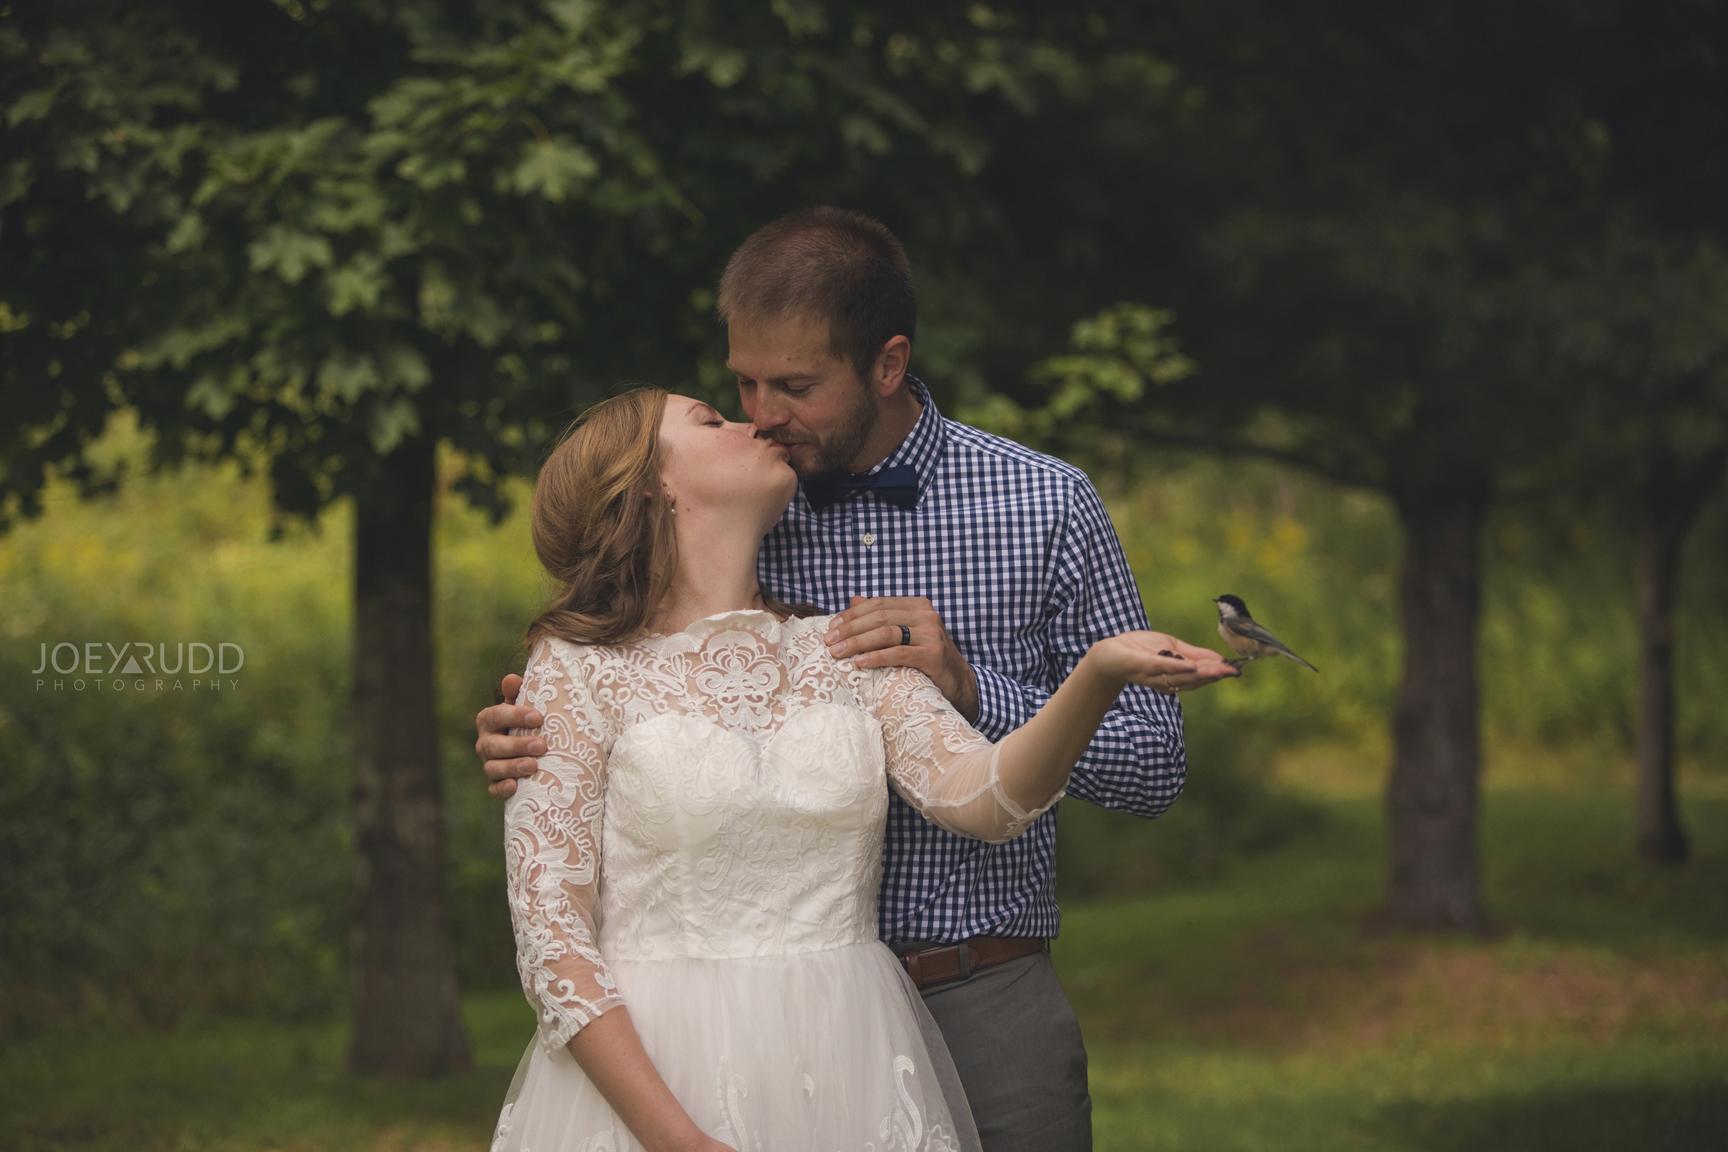 Ottawa Elopement by Joey Rudd Photography Ottawa Wedding Photographer Mer Bleue Ottawa Wedding Chapel Chickadees